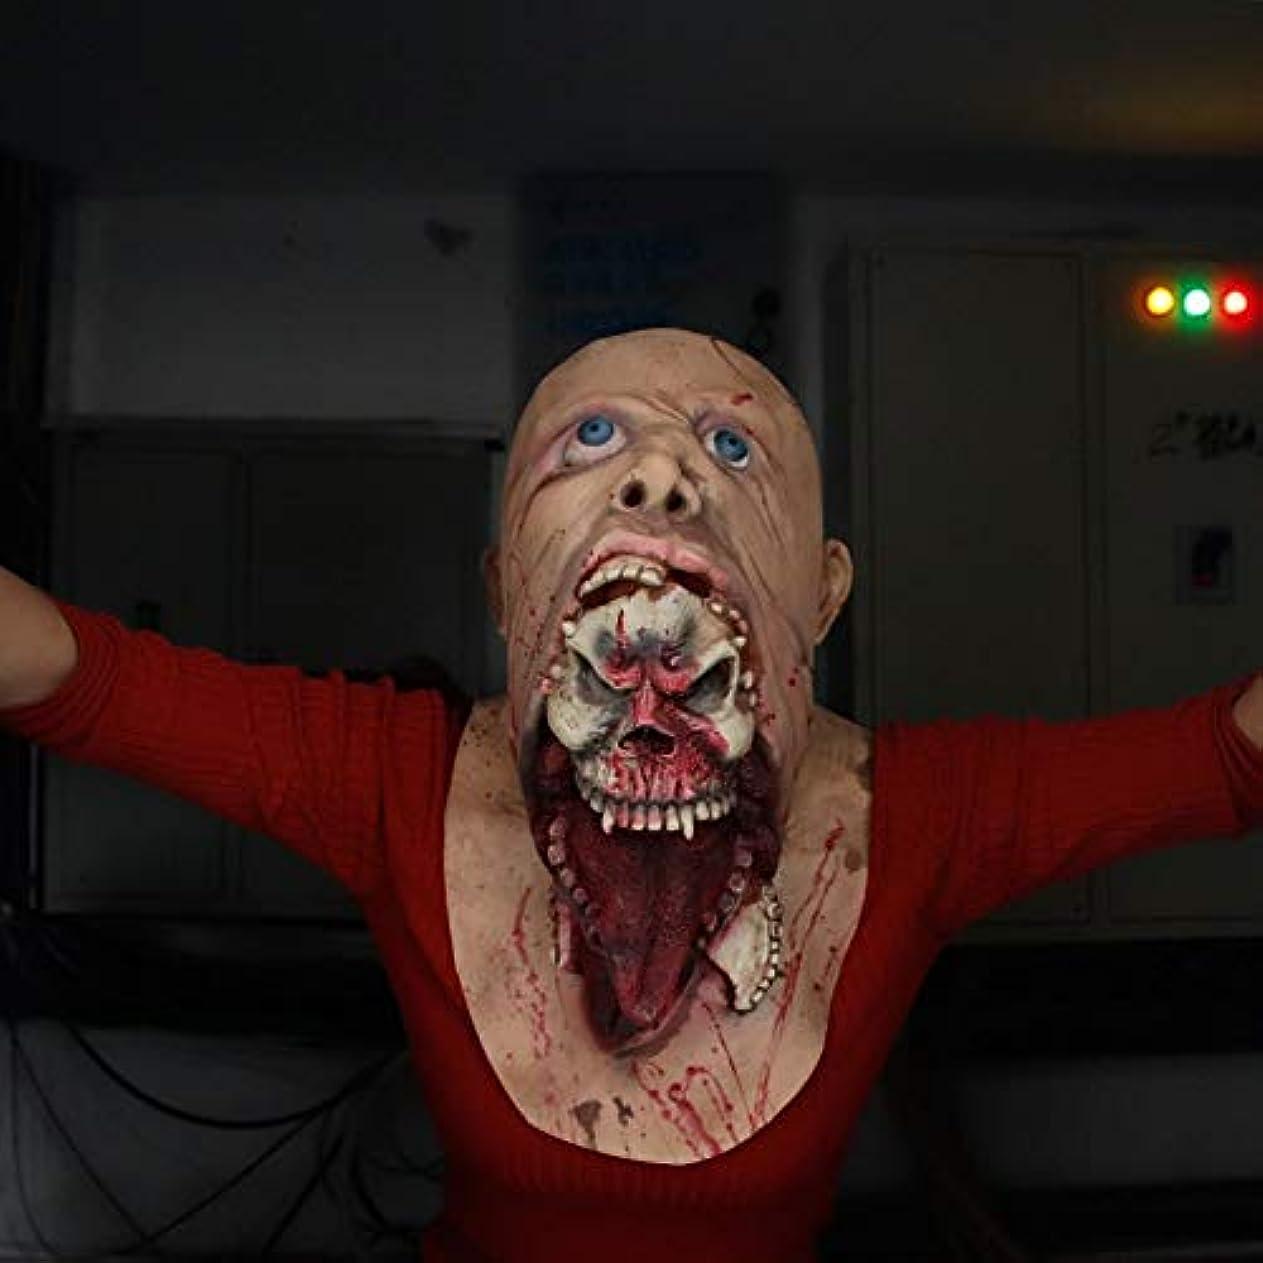 楽しむ娘緊張ラテックスゾンビハロウィーンマスク、怖い寄生虫マスク、怖い残酷なラテックスマスク